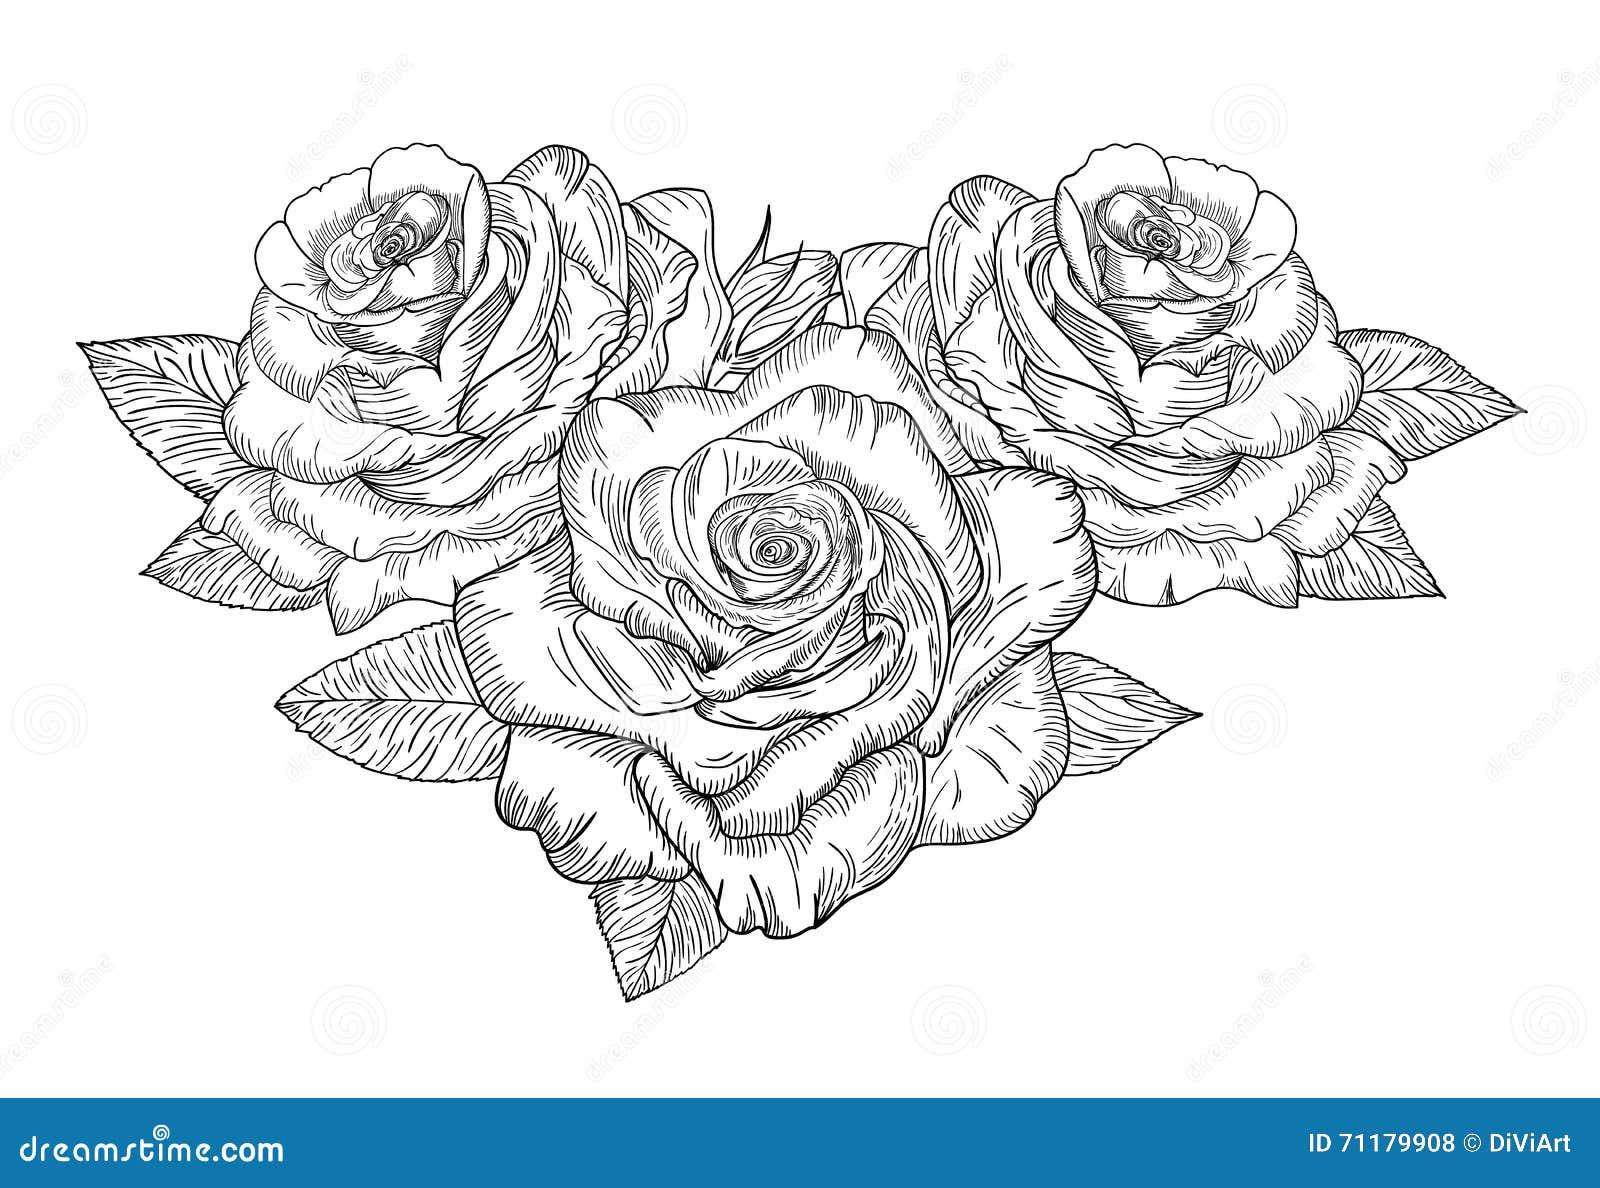 Schizzo di vettore delle rose illustrazione vettoriale - Immagini da colorare di rose ...